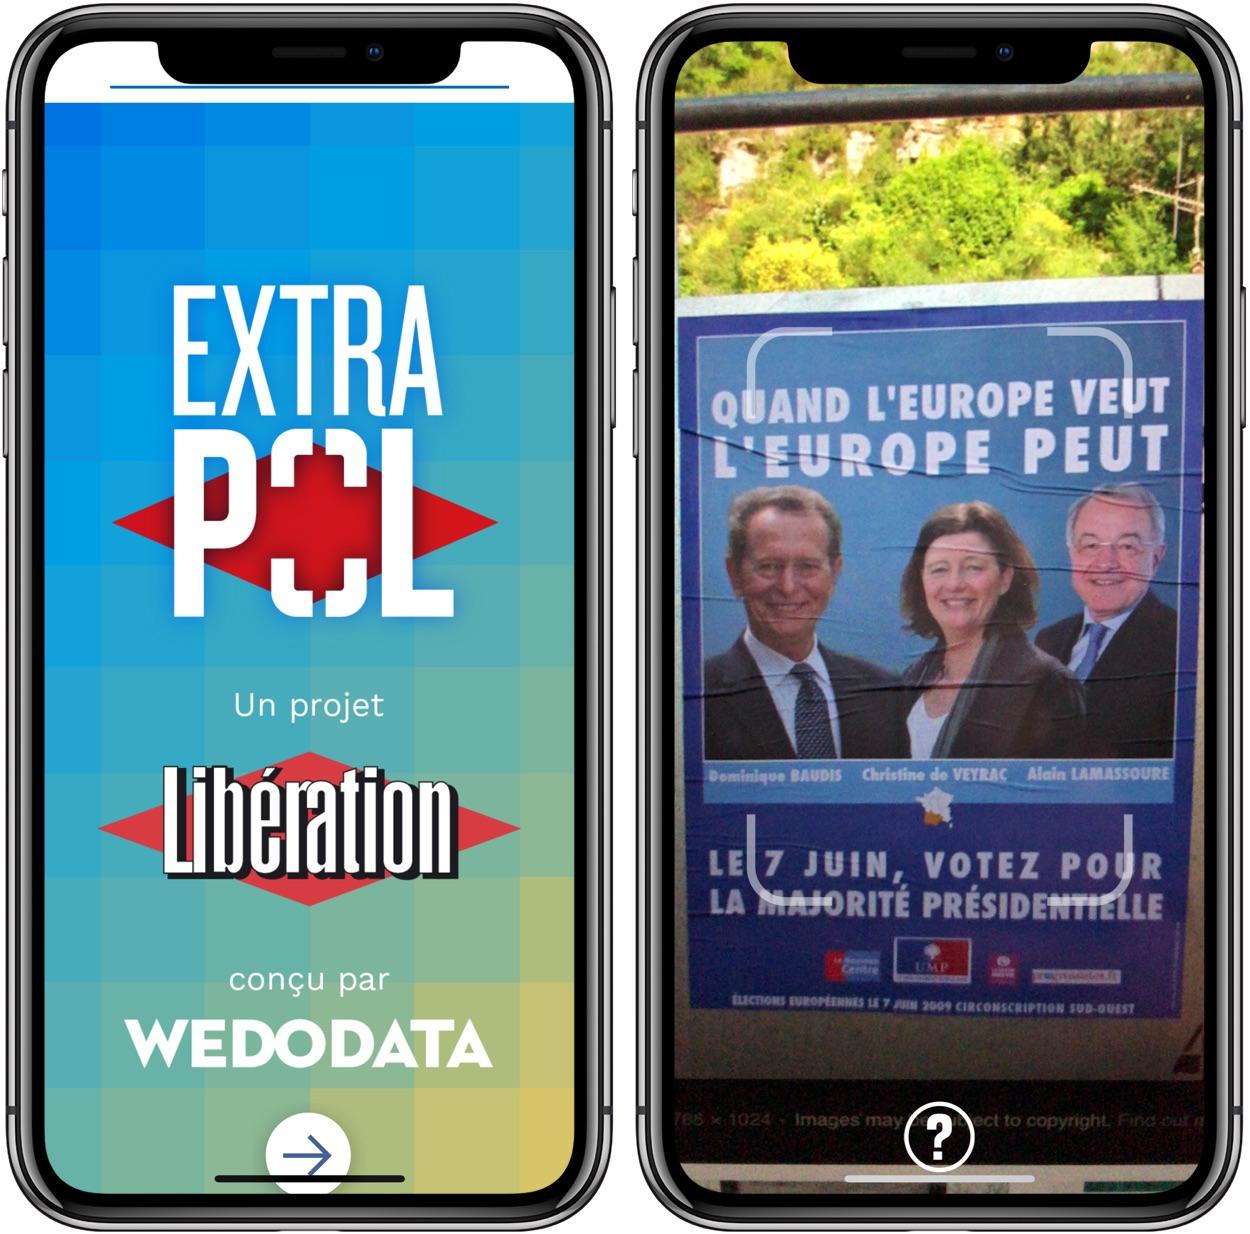 """Extrapol : une appli iPhone qui fait """"parler"""" les affiches de la campagne européenne 1"""